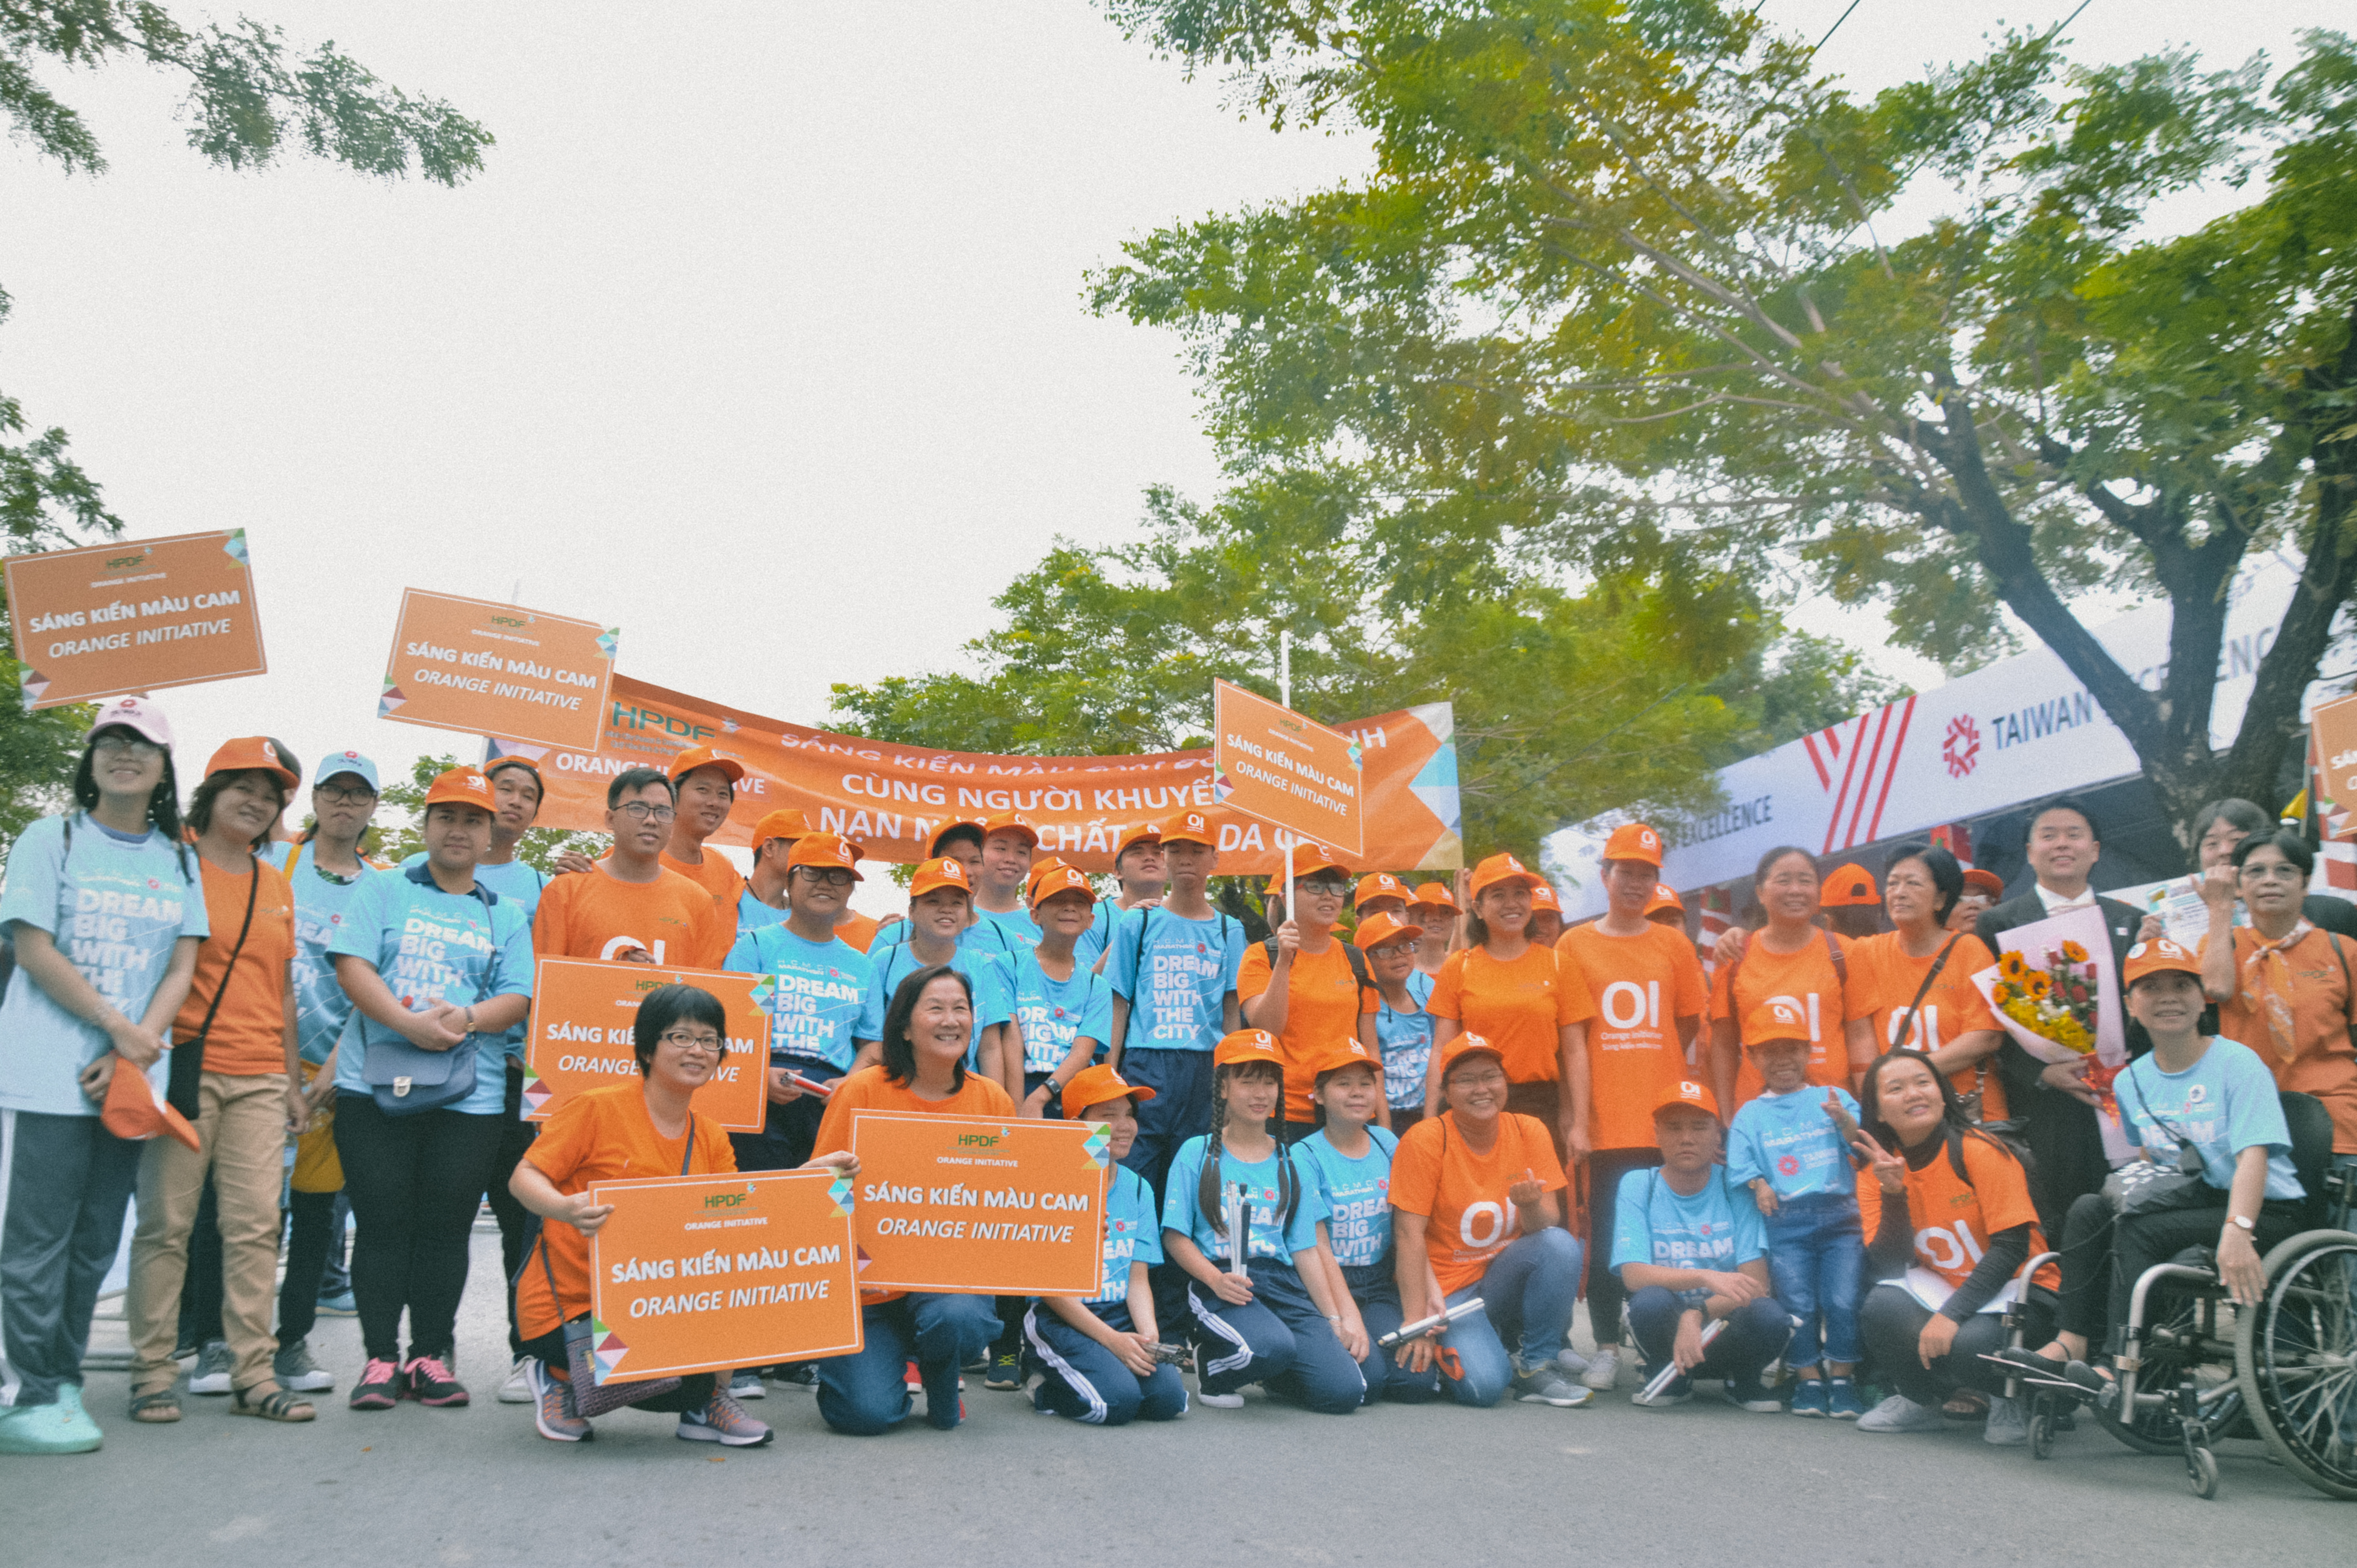 Sáng 14/1, Giải chạy Việt dã 2018 dành cho người khuyết tật và nạn nhân chất độc màu da cam được tổ chức tại 105 Nguyễn Khắc Viện, quận 7, TP HCM.